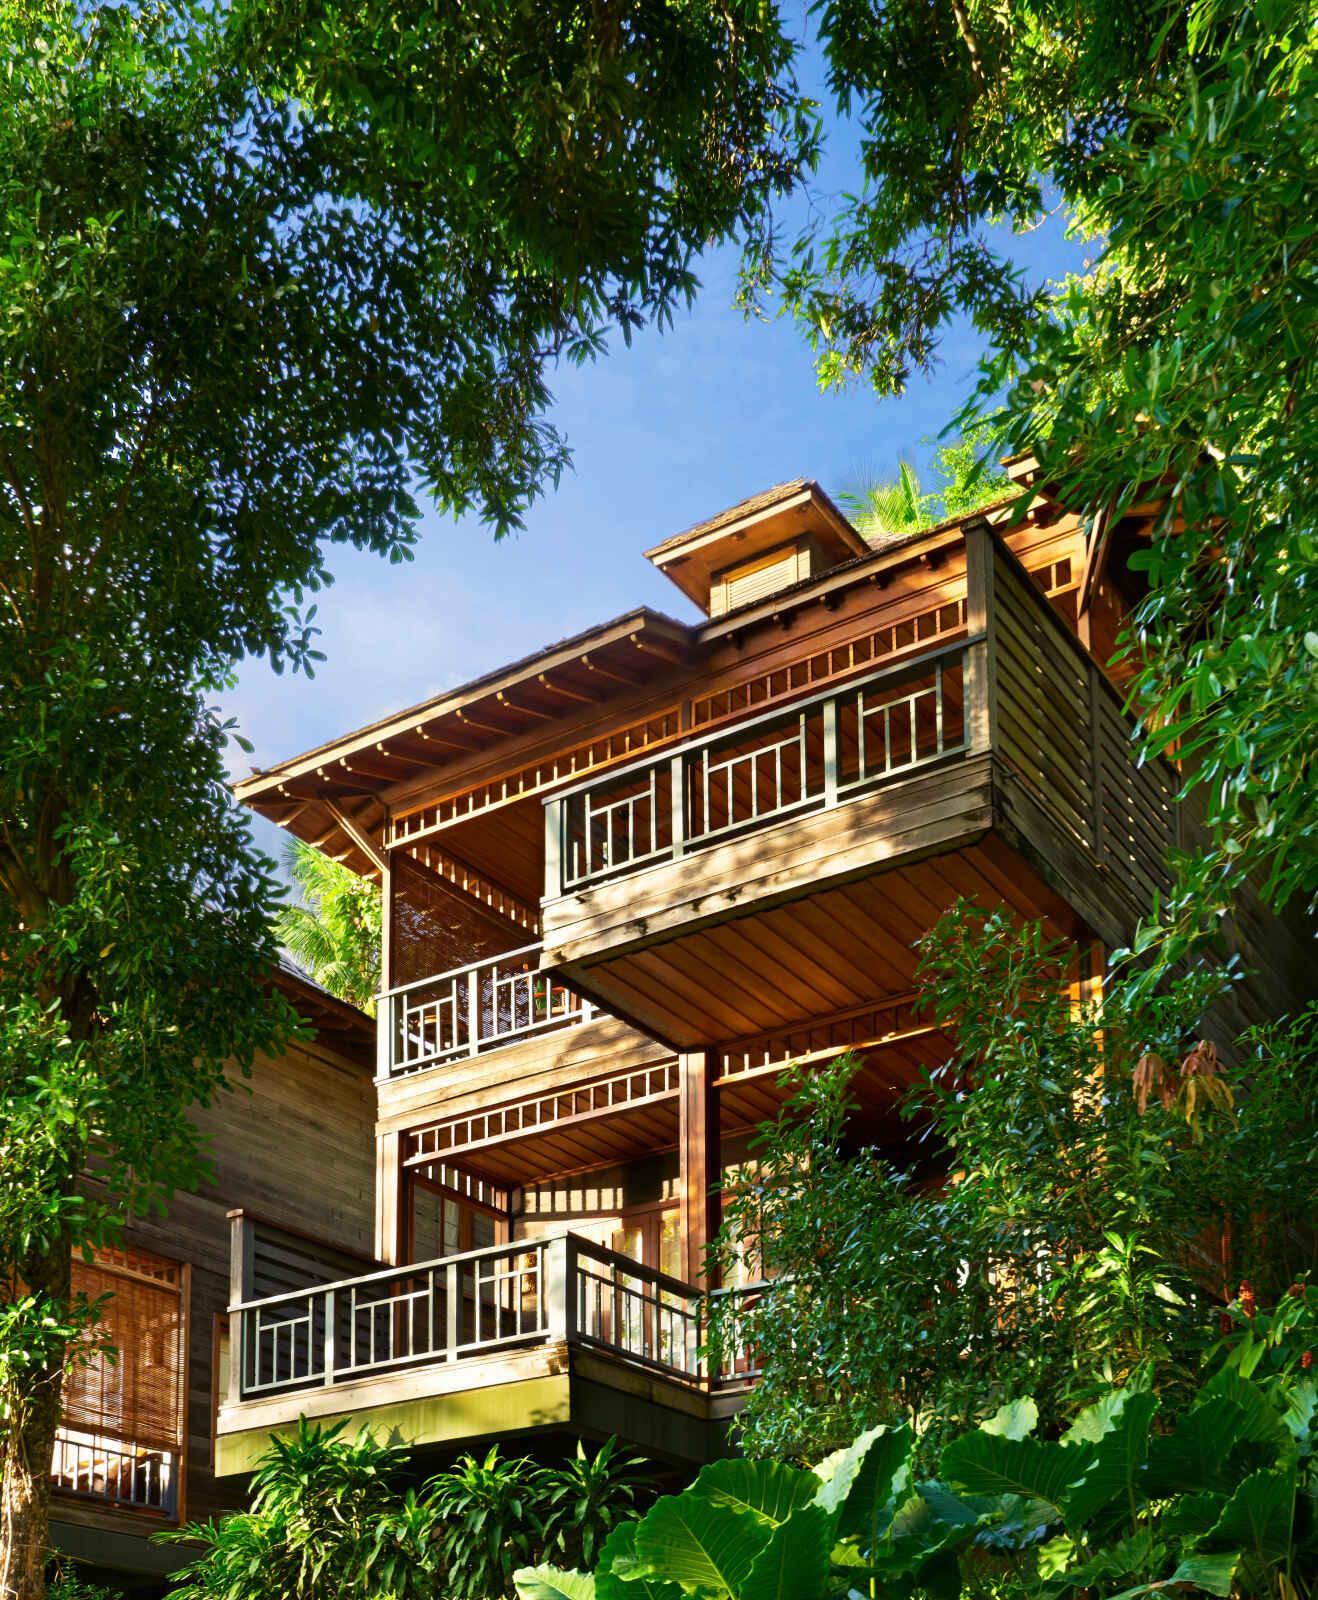 Seychelles : Hilton Seychelles Northolme Resort & Spa